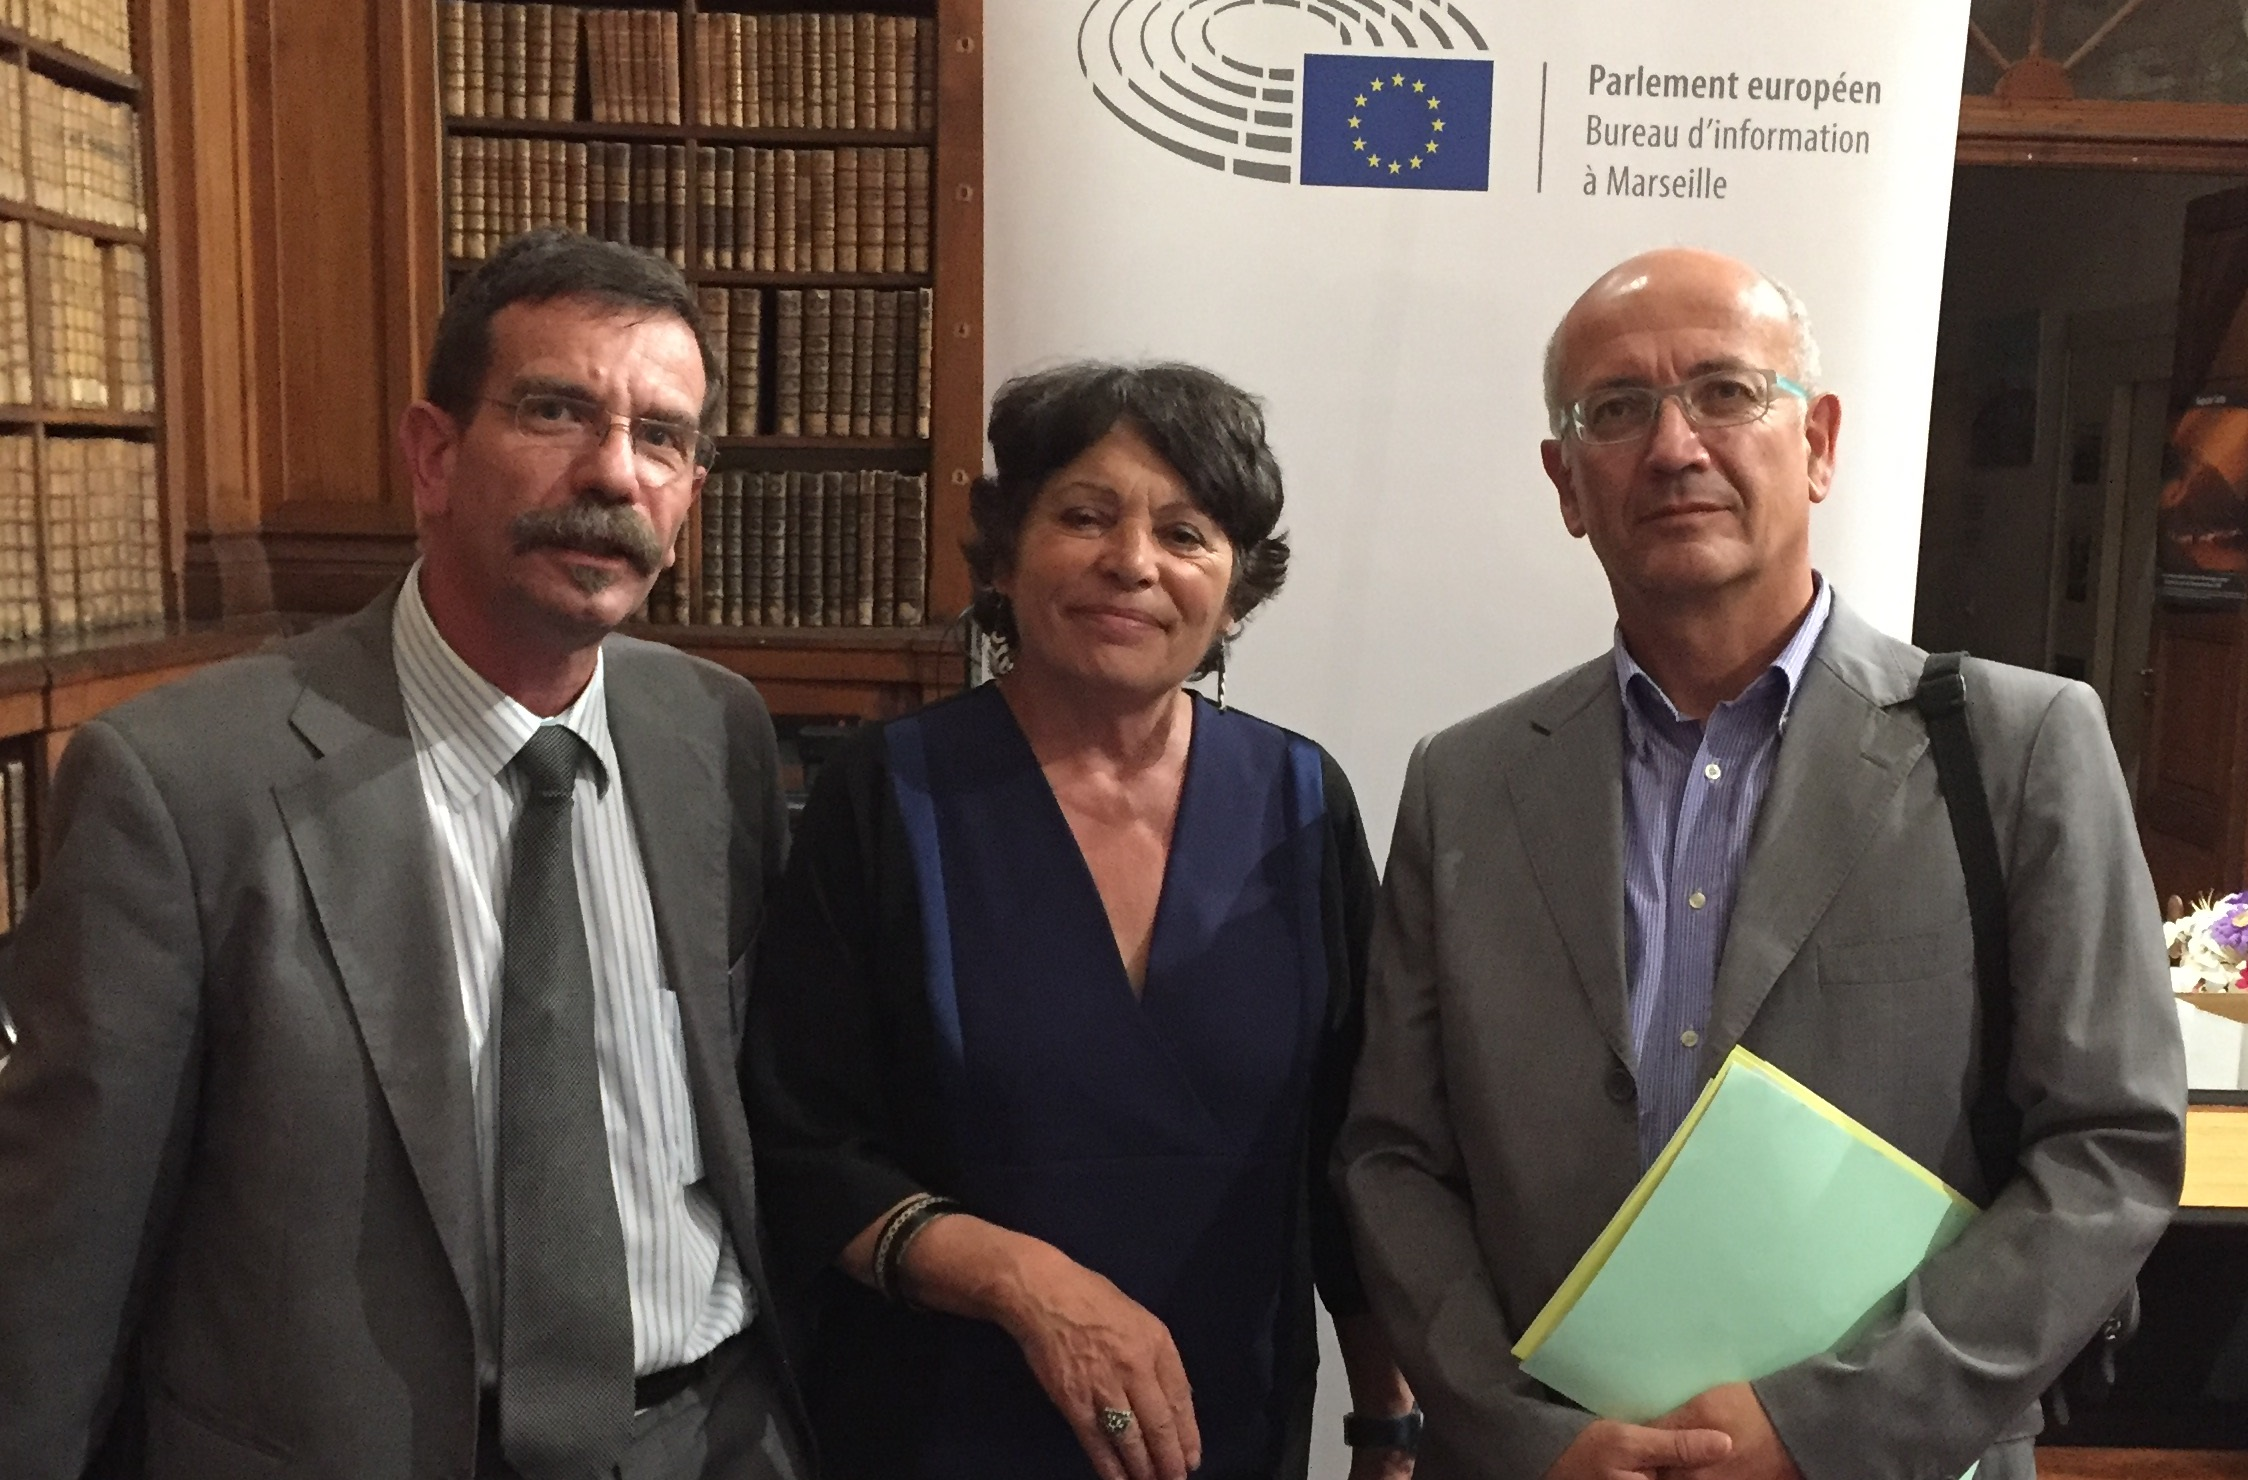 Michèle Rivasi, entouré à gauche de Jacques Parodi directeur de la DRAF et à droite de Daniel Fauvre directeur de la DREAL.